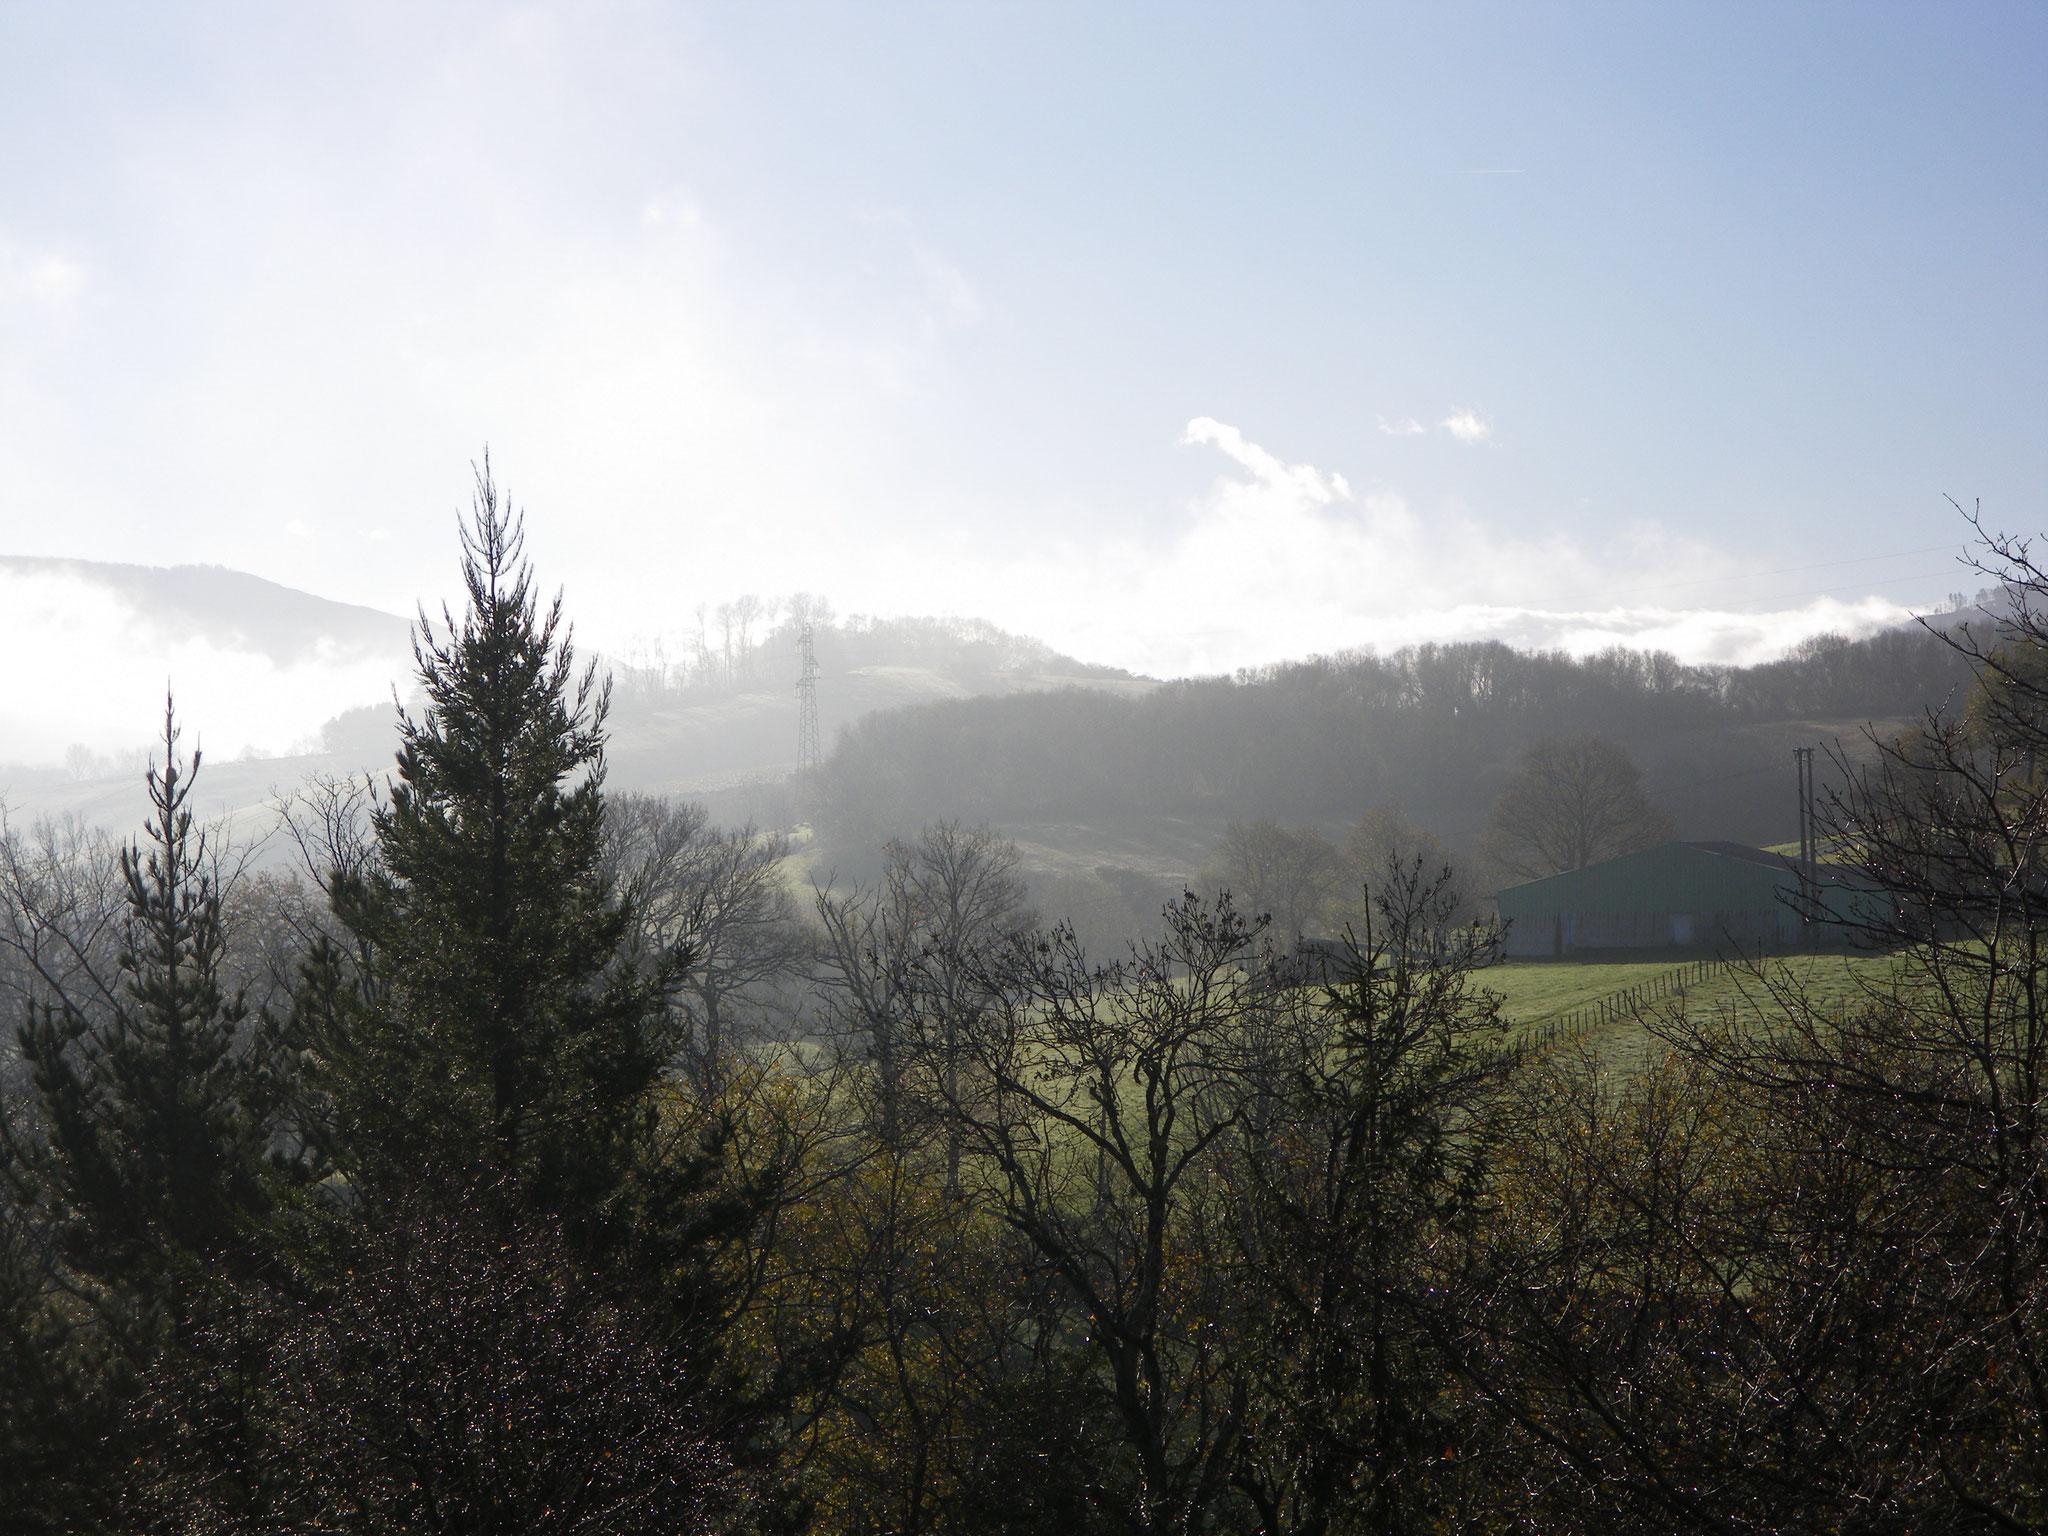 brumes sur le col de Courlecou frontière Espagne France Pays Basque